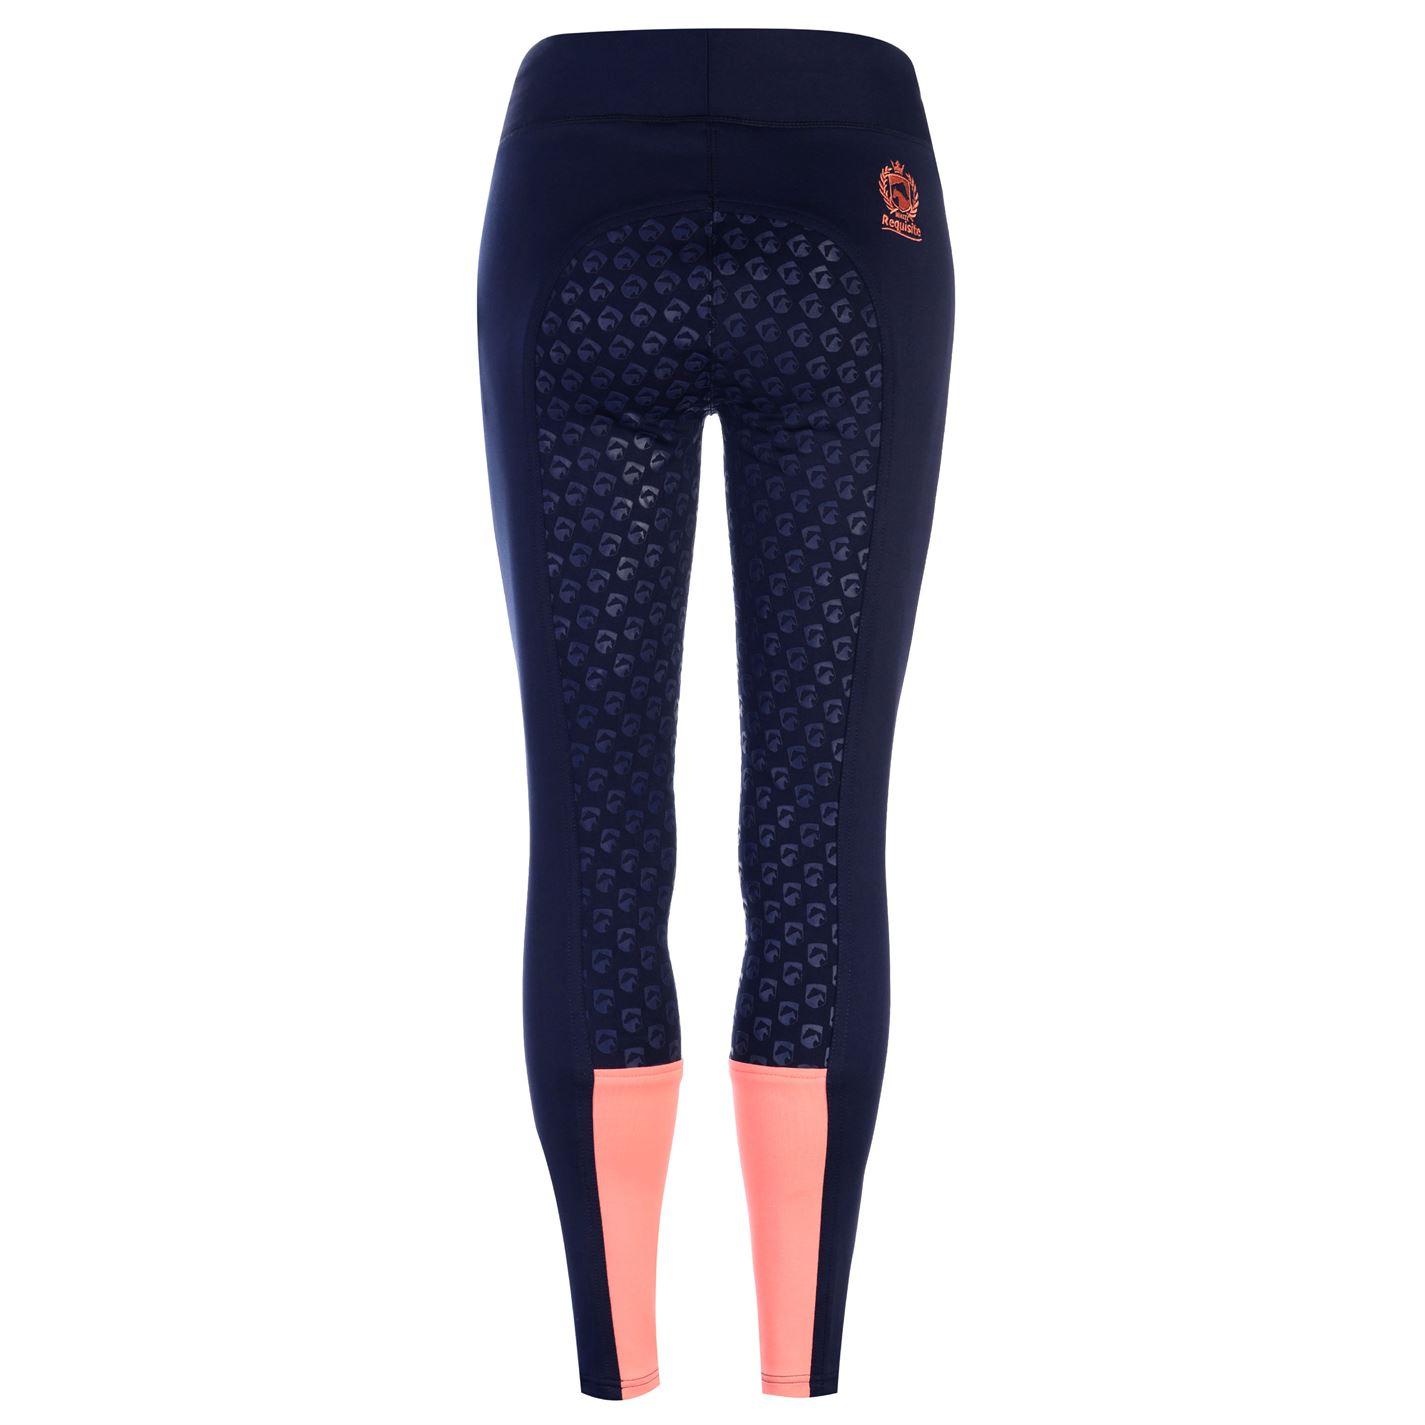 low priced 2fb35 084aa Dettagli su Requisite da Donna Uomo Pantaloni Stile Jodhpurs Alla  Cavallerizza Moto Calze